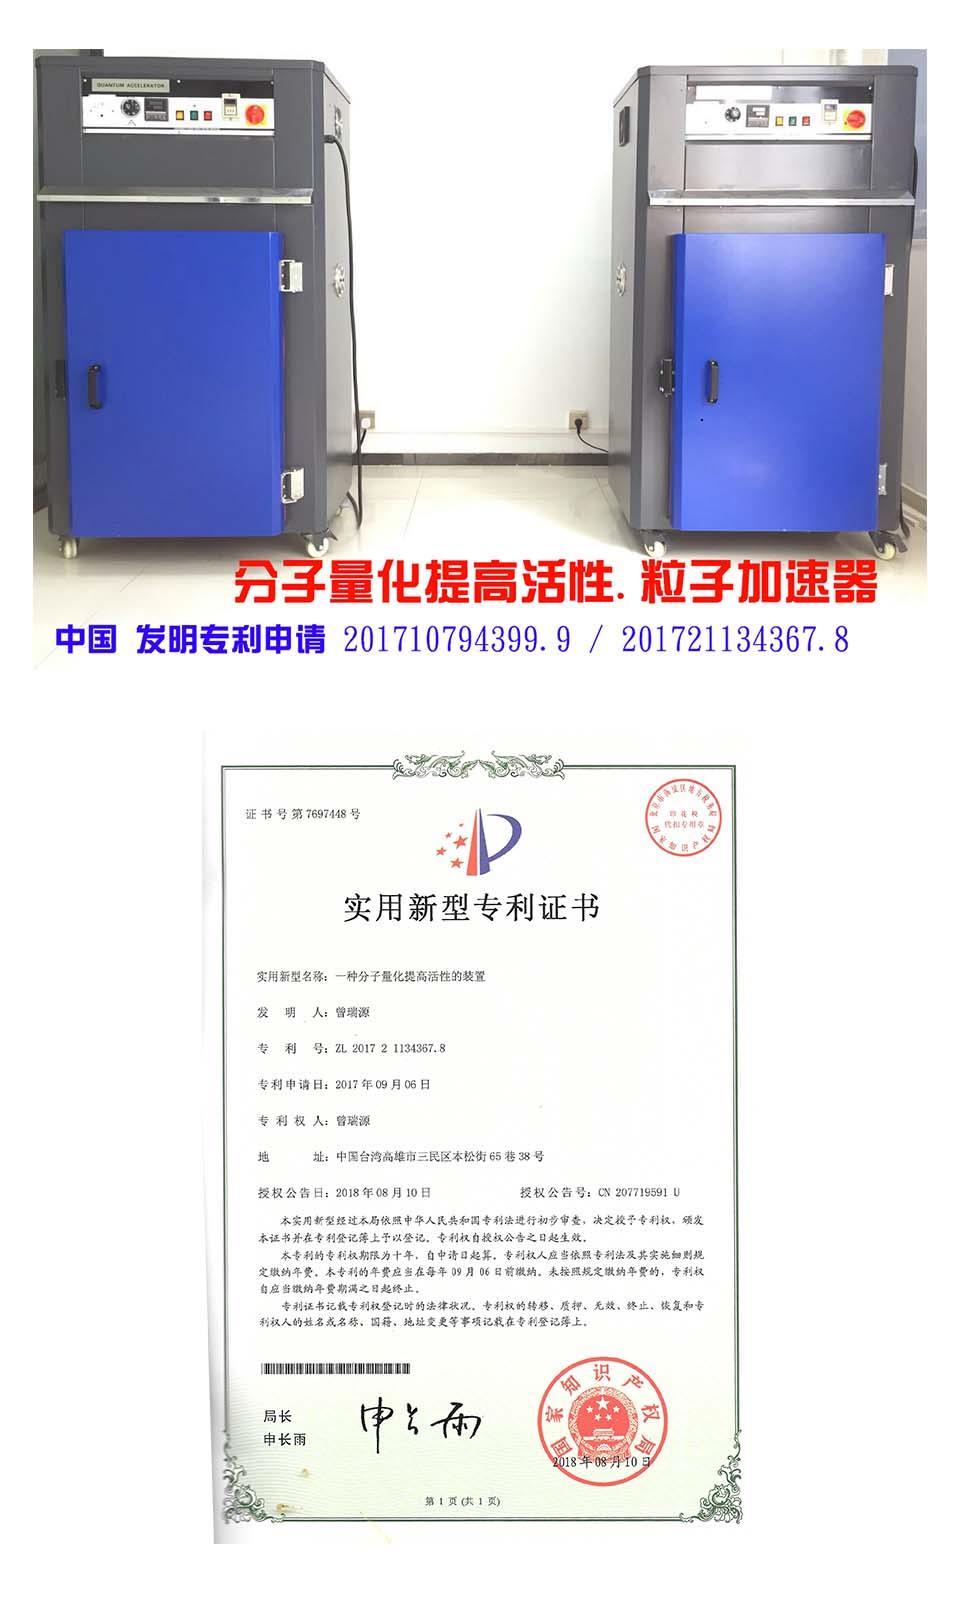 上海粒子加速器公司技术领先